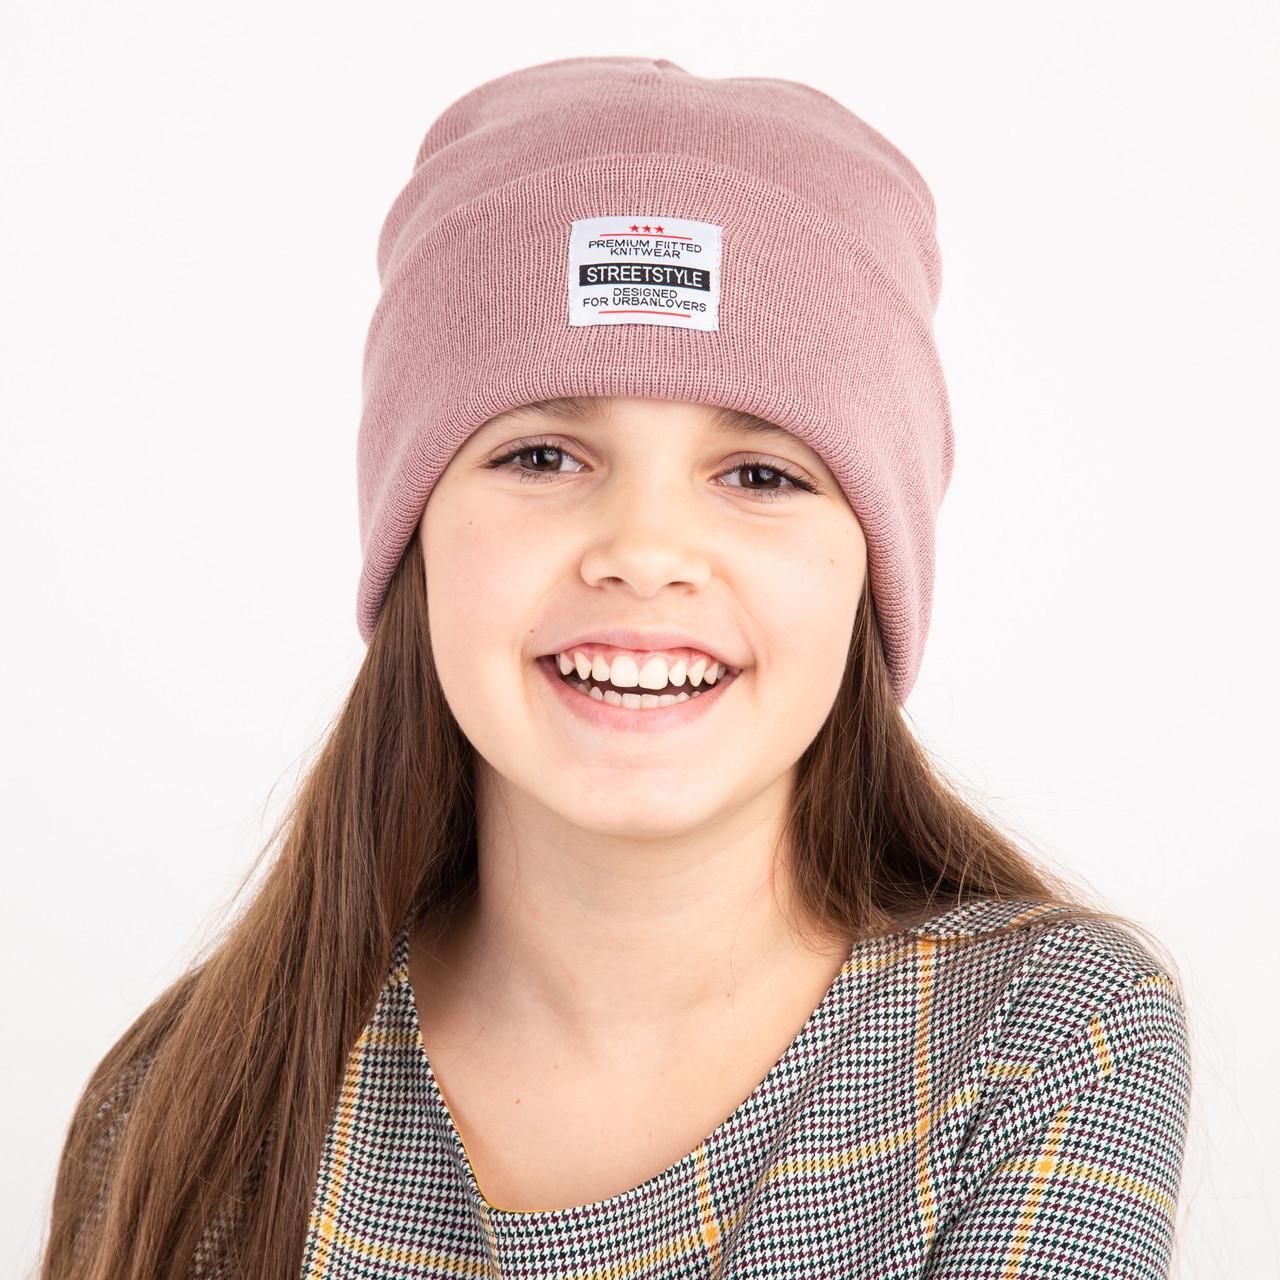 Стильная шапка для девочки двойной вязки - StreetStyle - Арт 2324